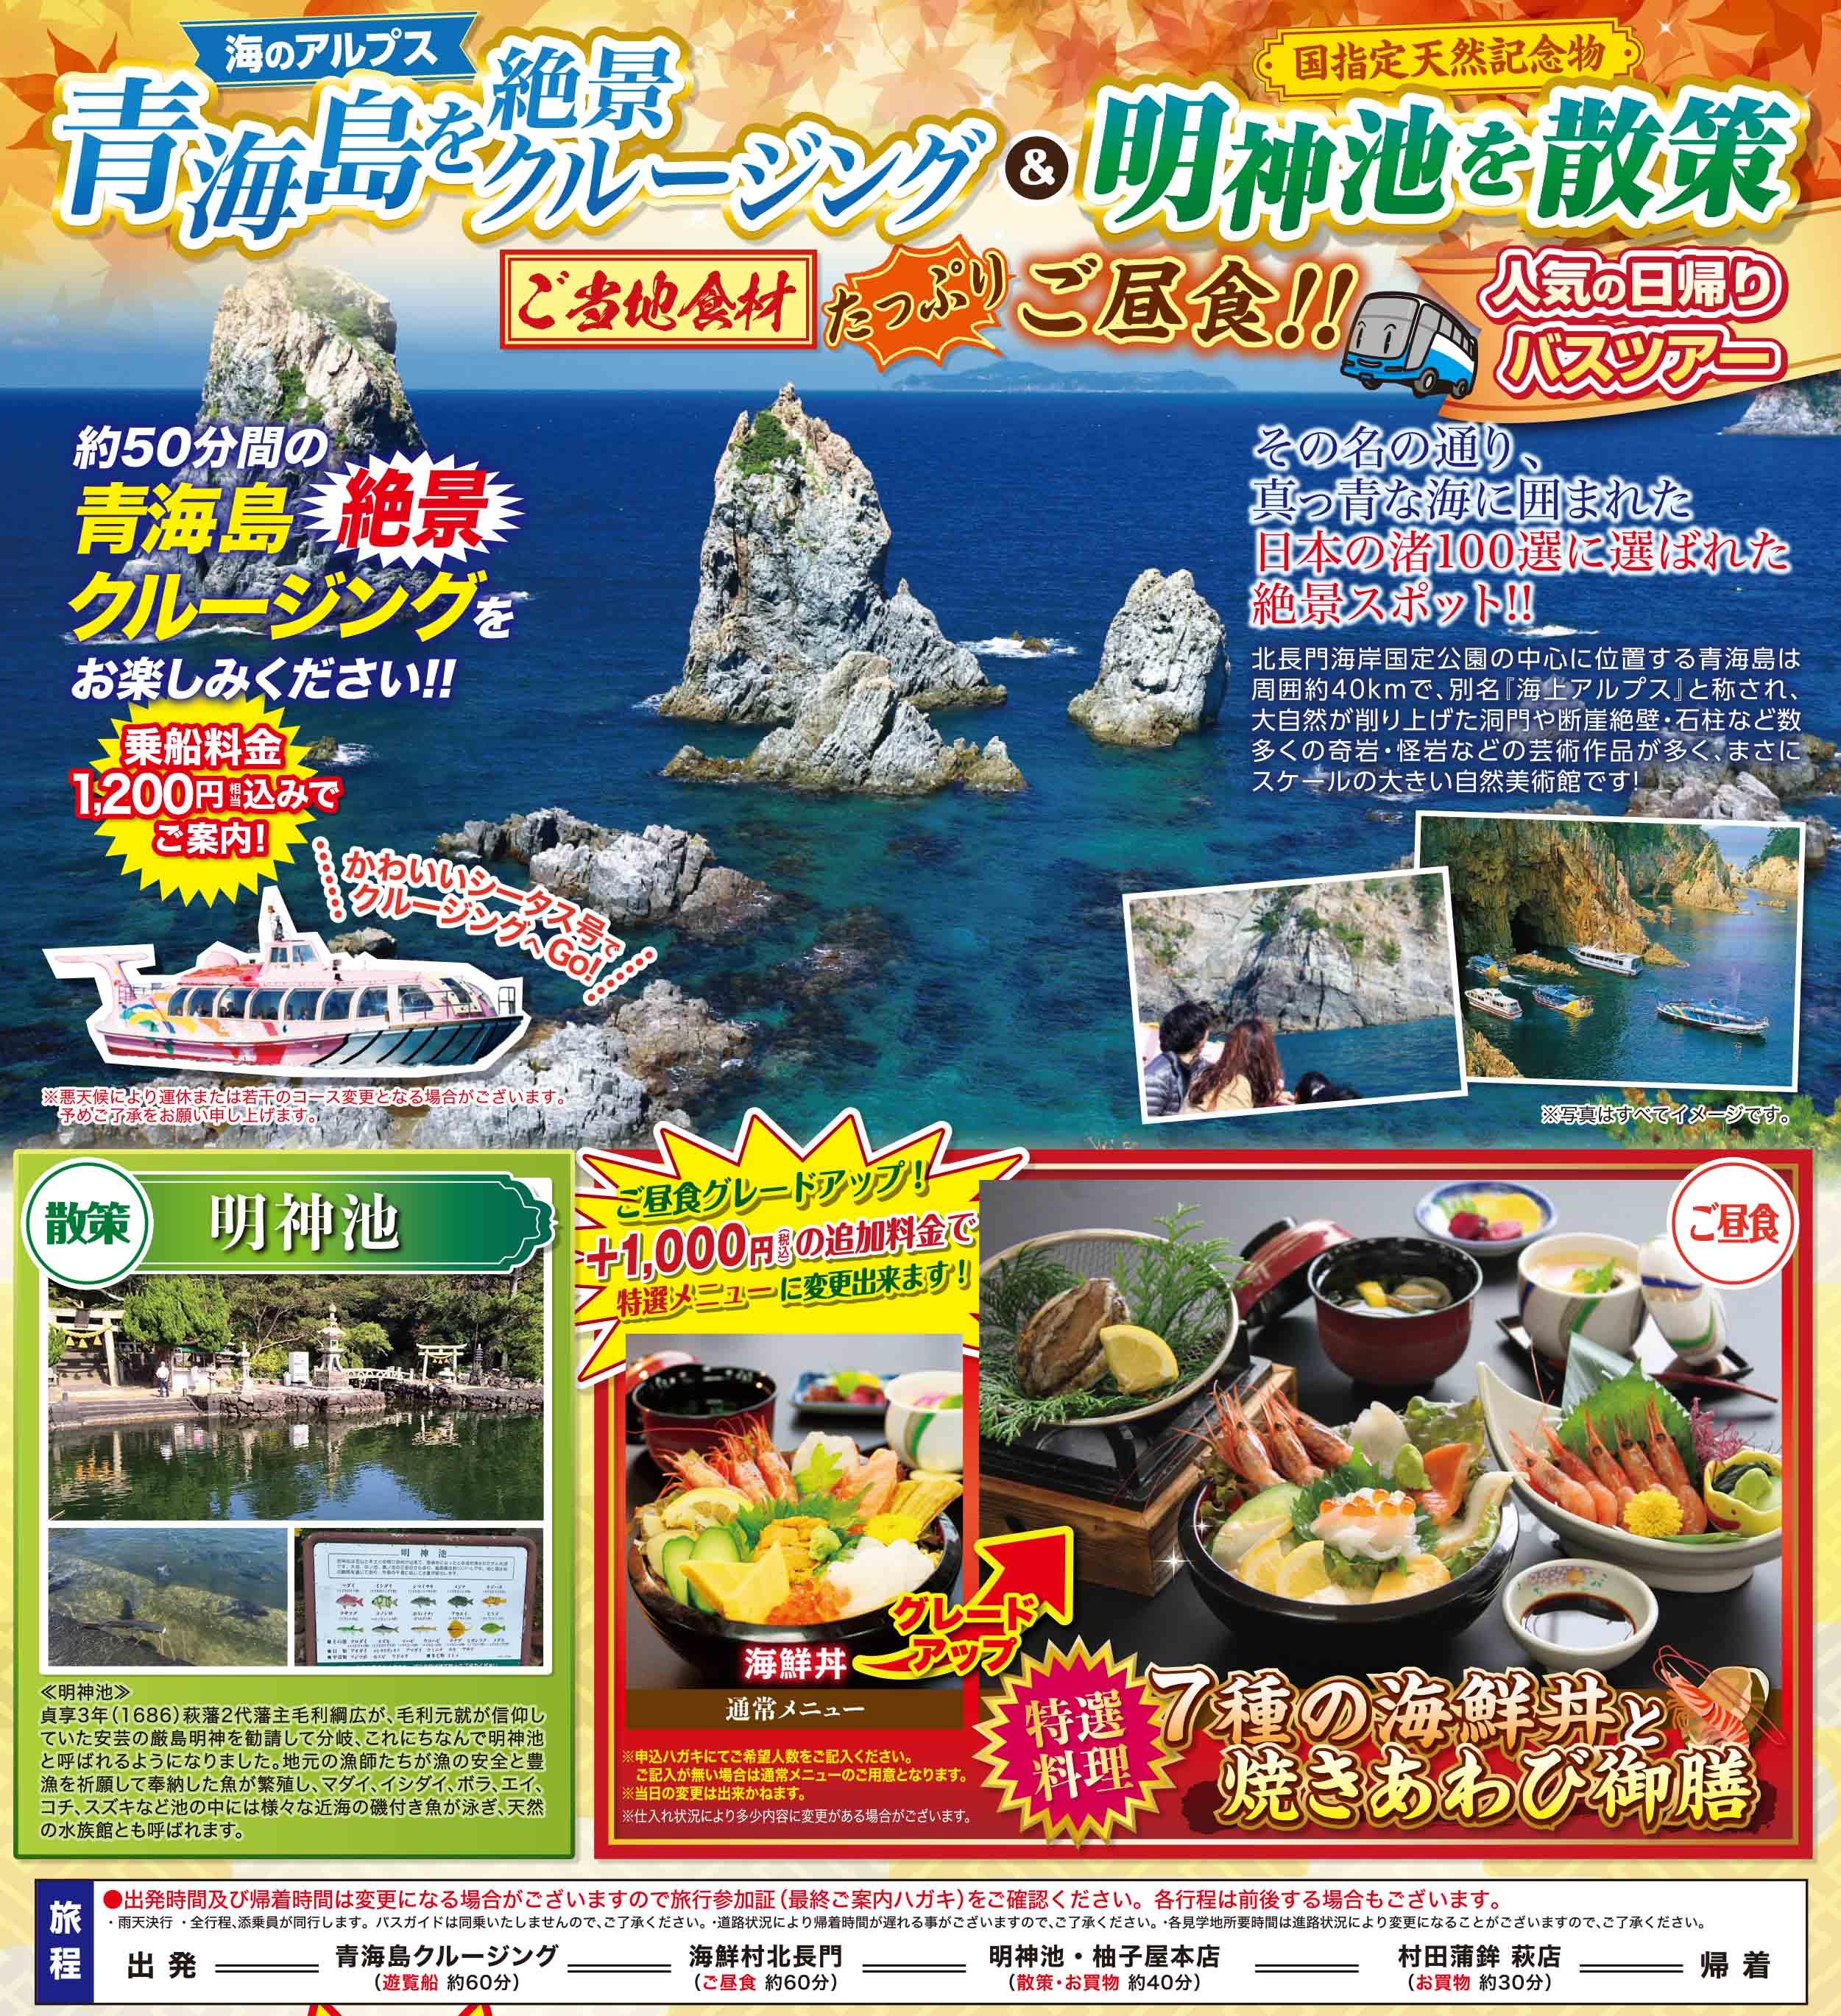 青海島を絶景クルージング&明神池を散策!ツアー募集中(広島県内出発・日帰り)